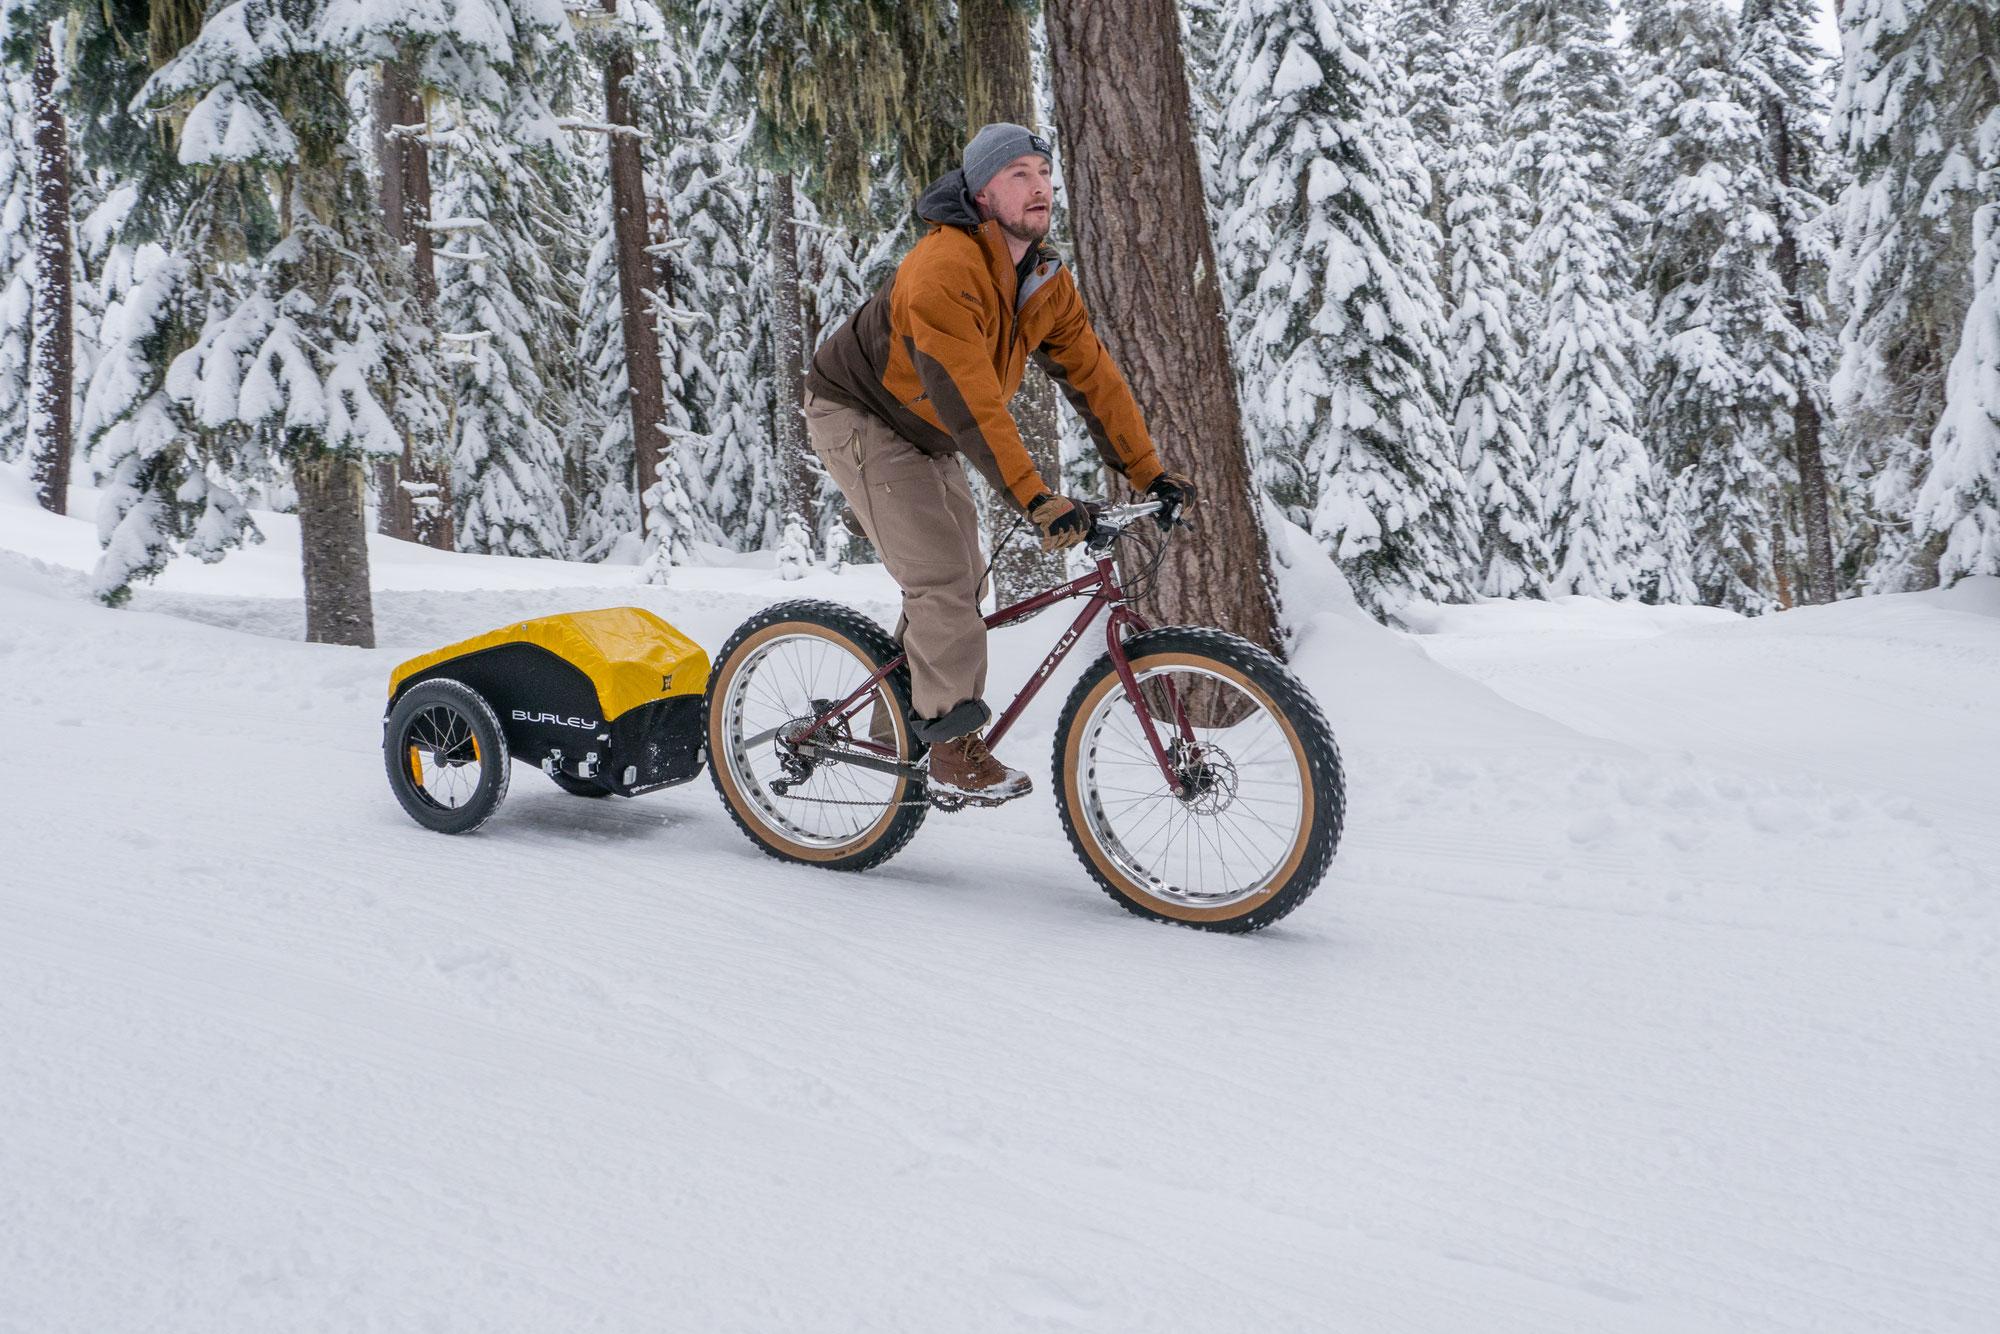 Burley: Schneemobil oder mobil im Schnee